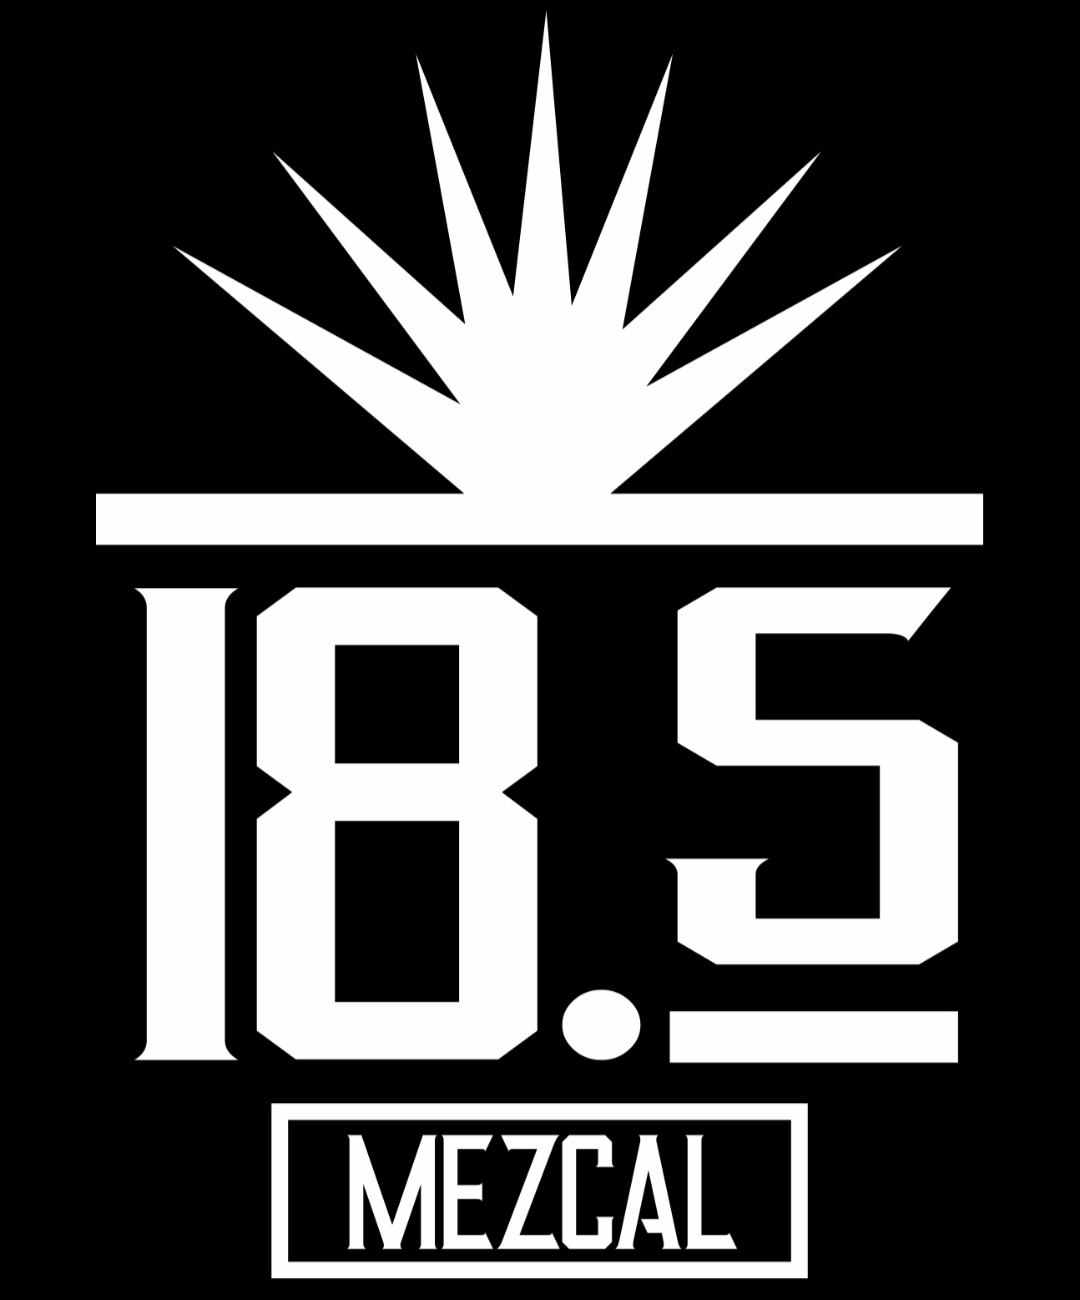 Logo anterior de la marca, pesado y fuerte, con un estilo rústico y visualmente irregular.